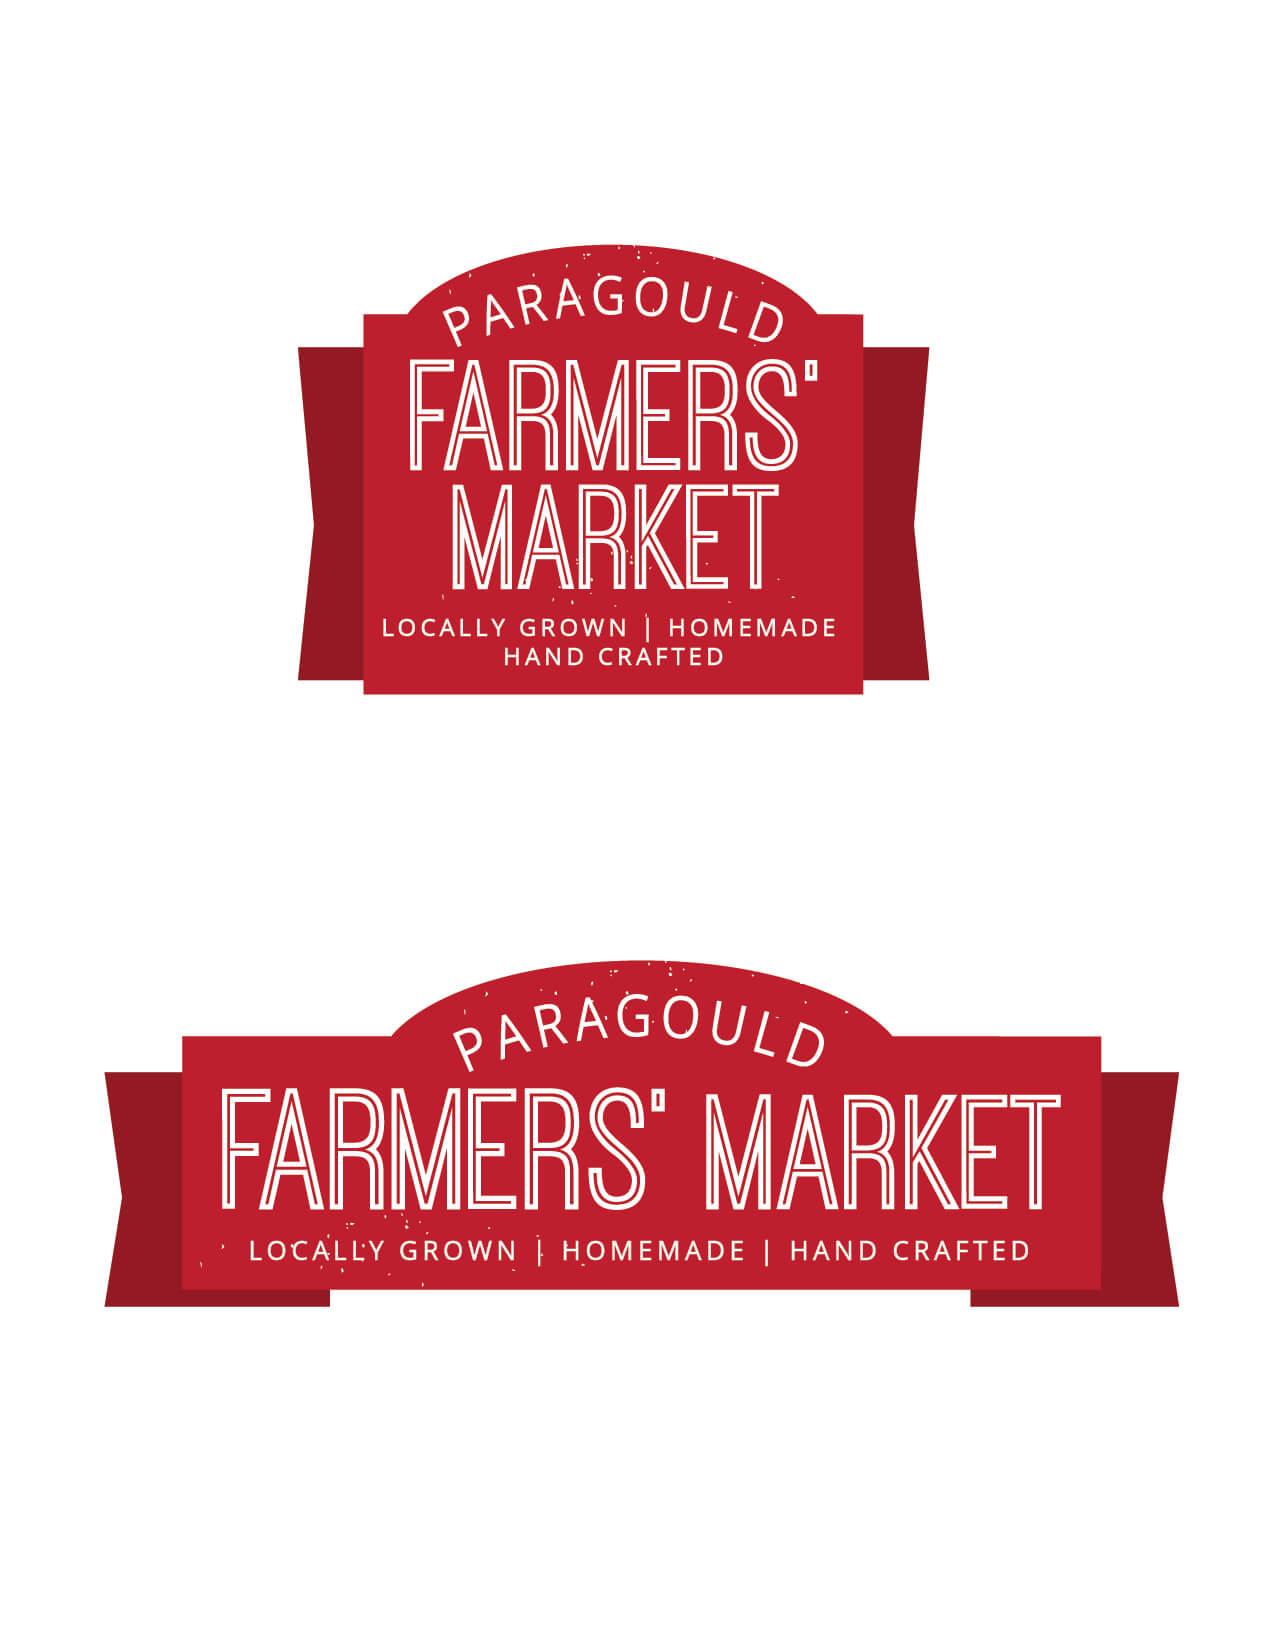 farmers-market-02